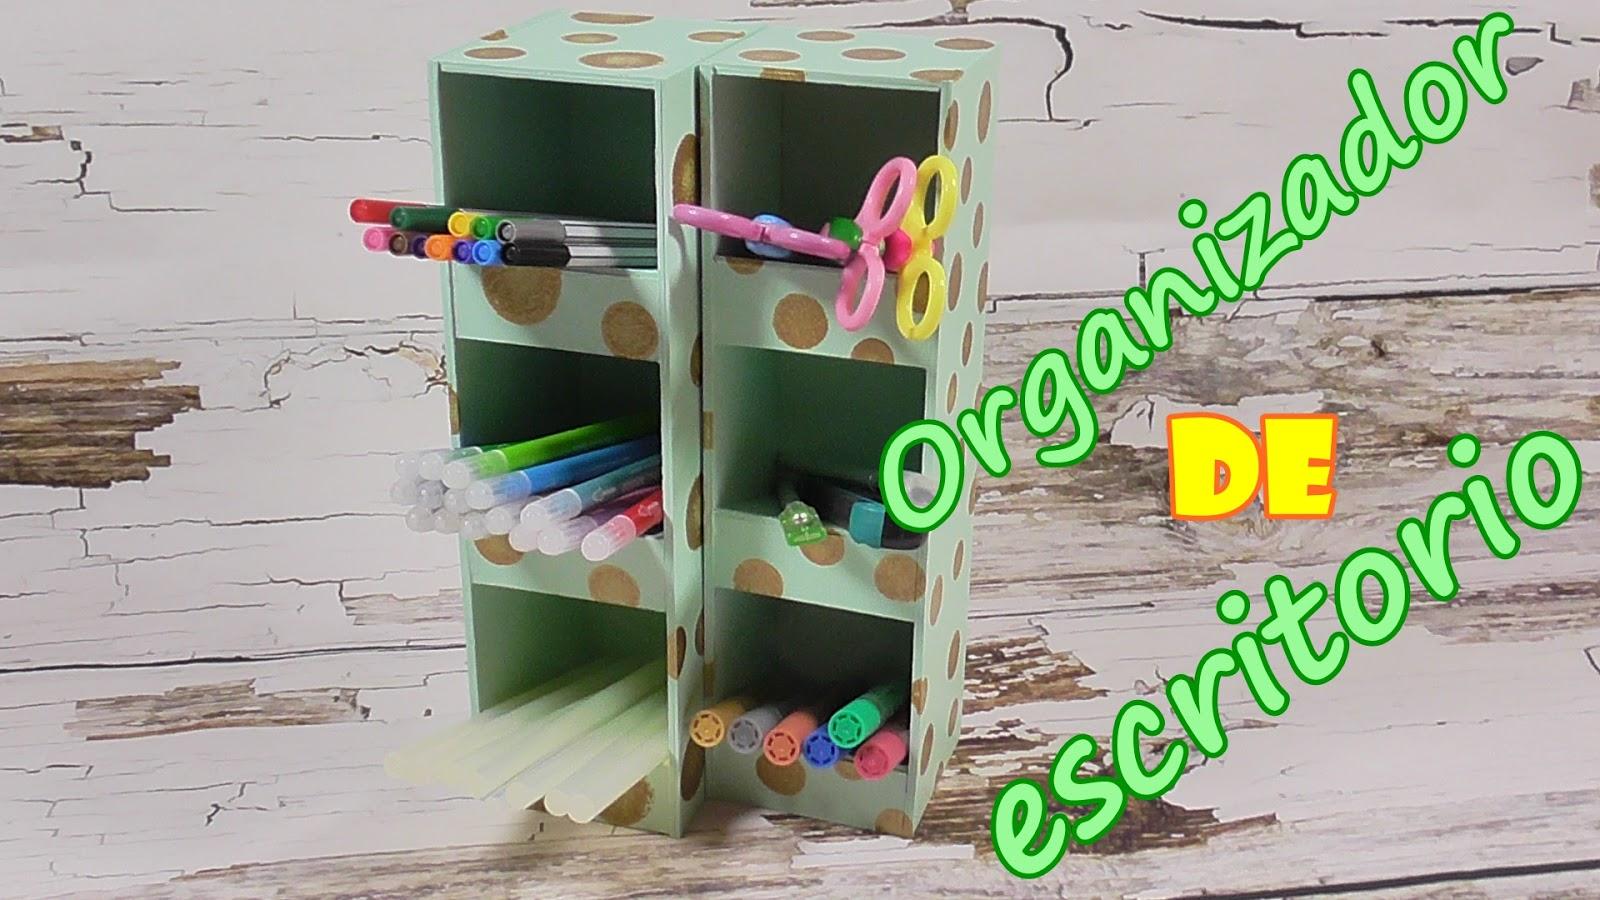 El rinc n de las manualidades caseras organizador de escritorio hecho de cart n - Organizadores escritorio ...